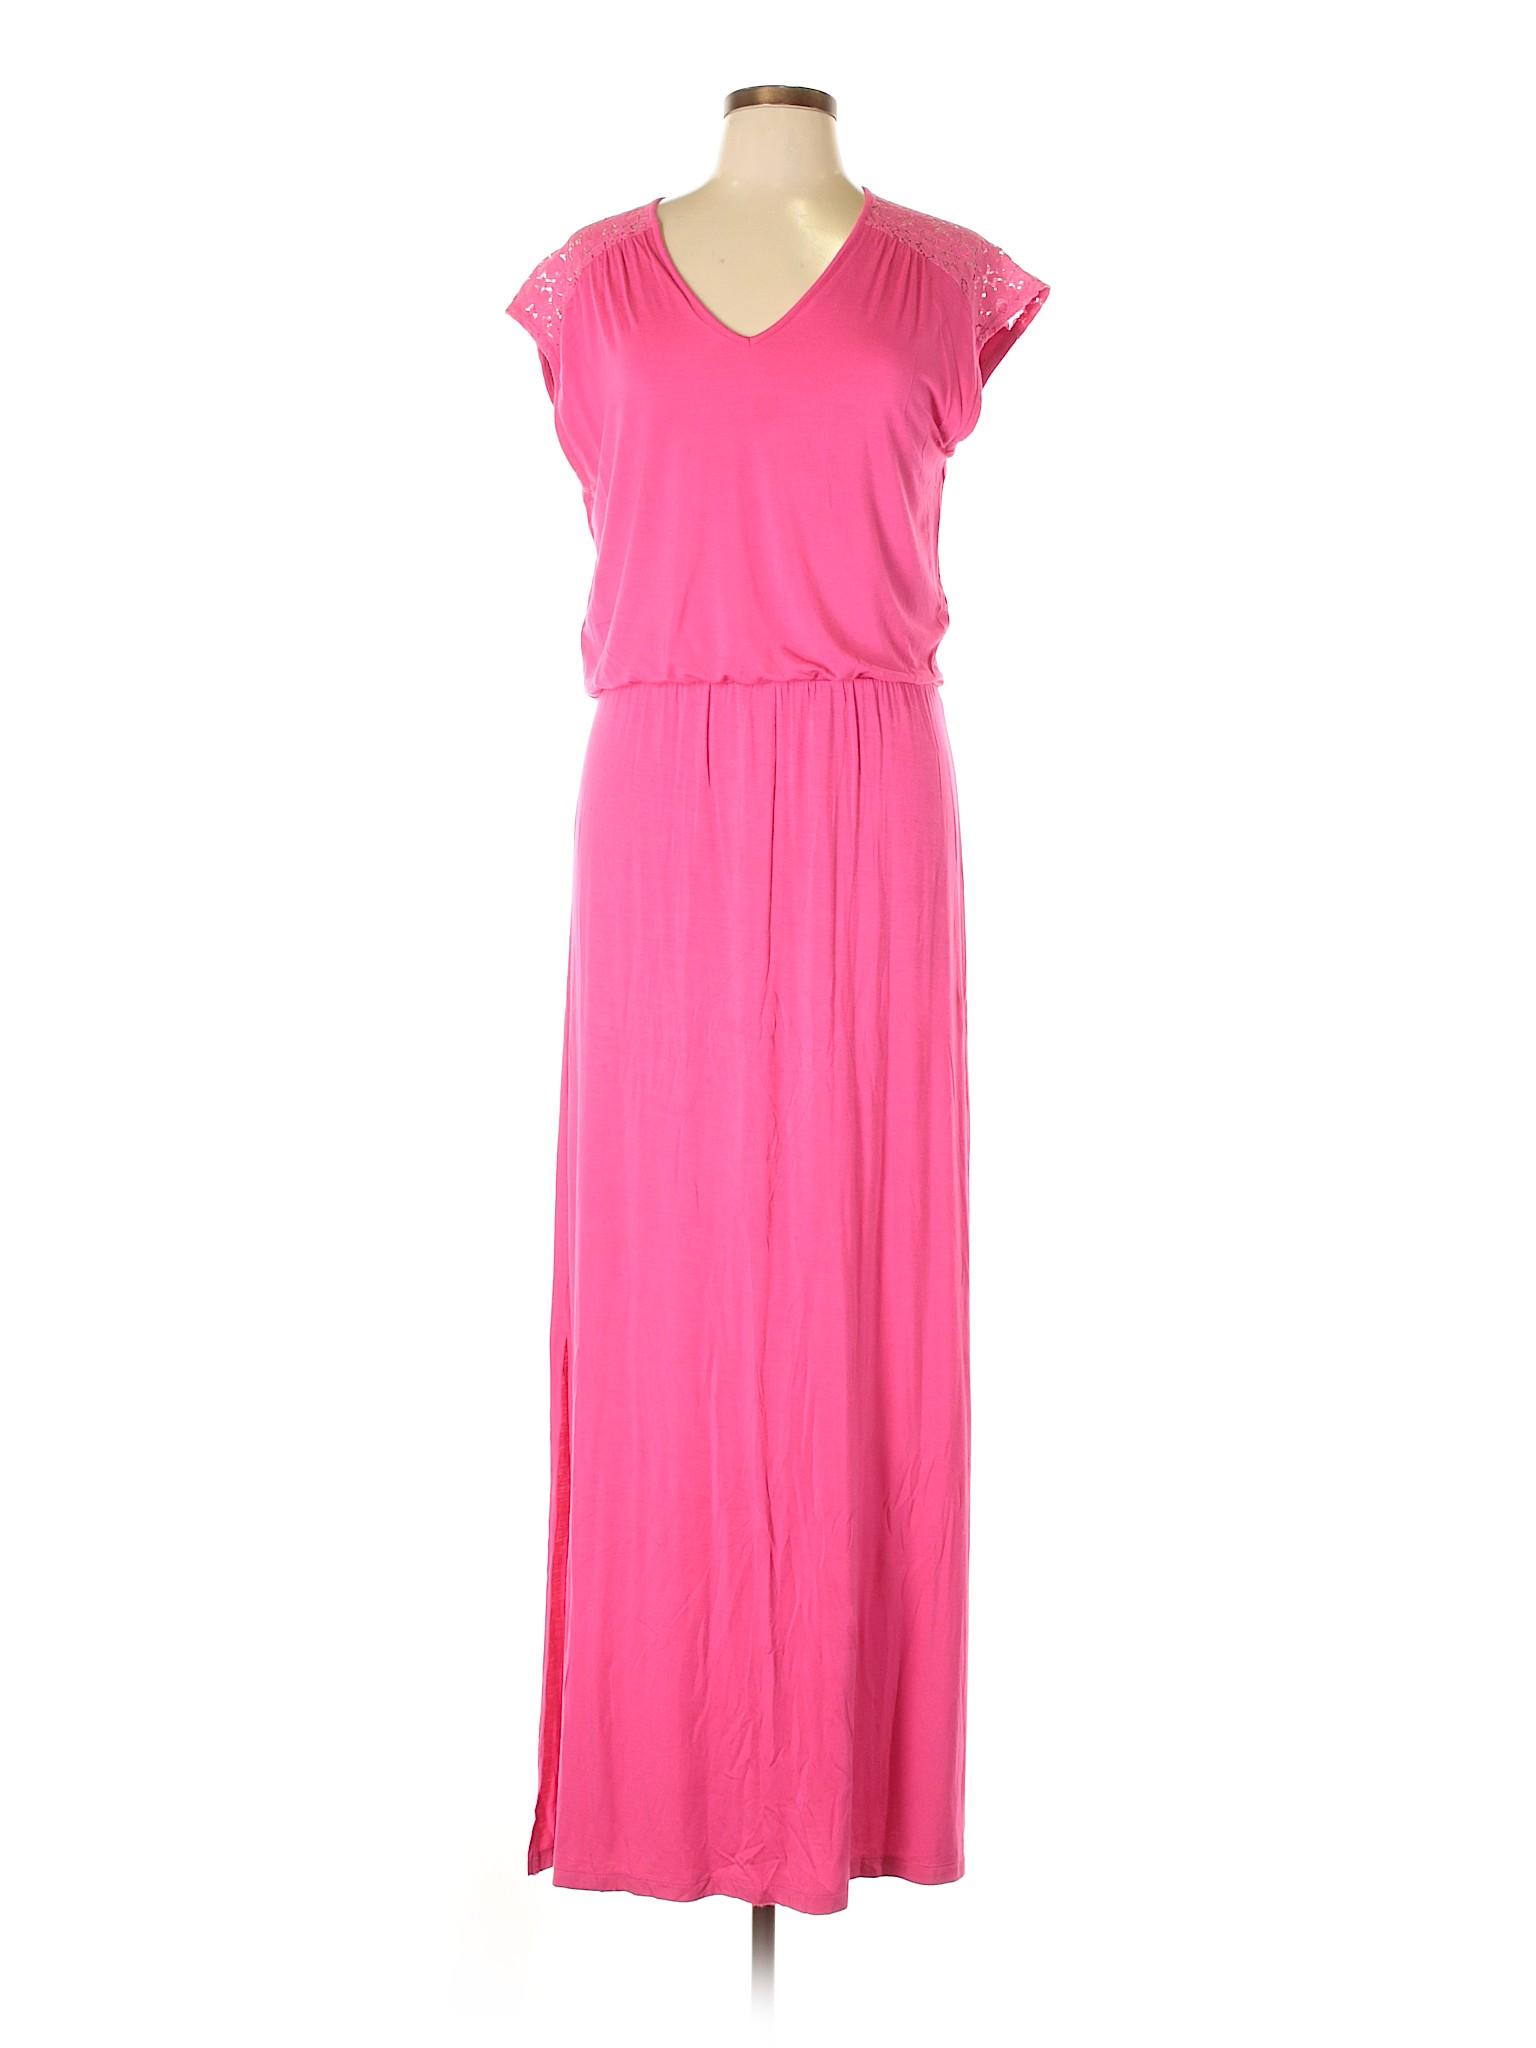 Marcus Neiman Casual Boutique Dress winter pEwqfRxFH